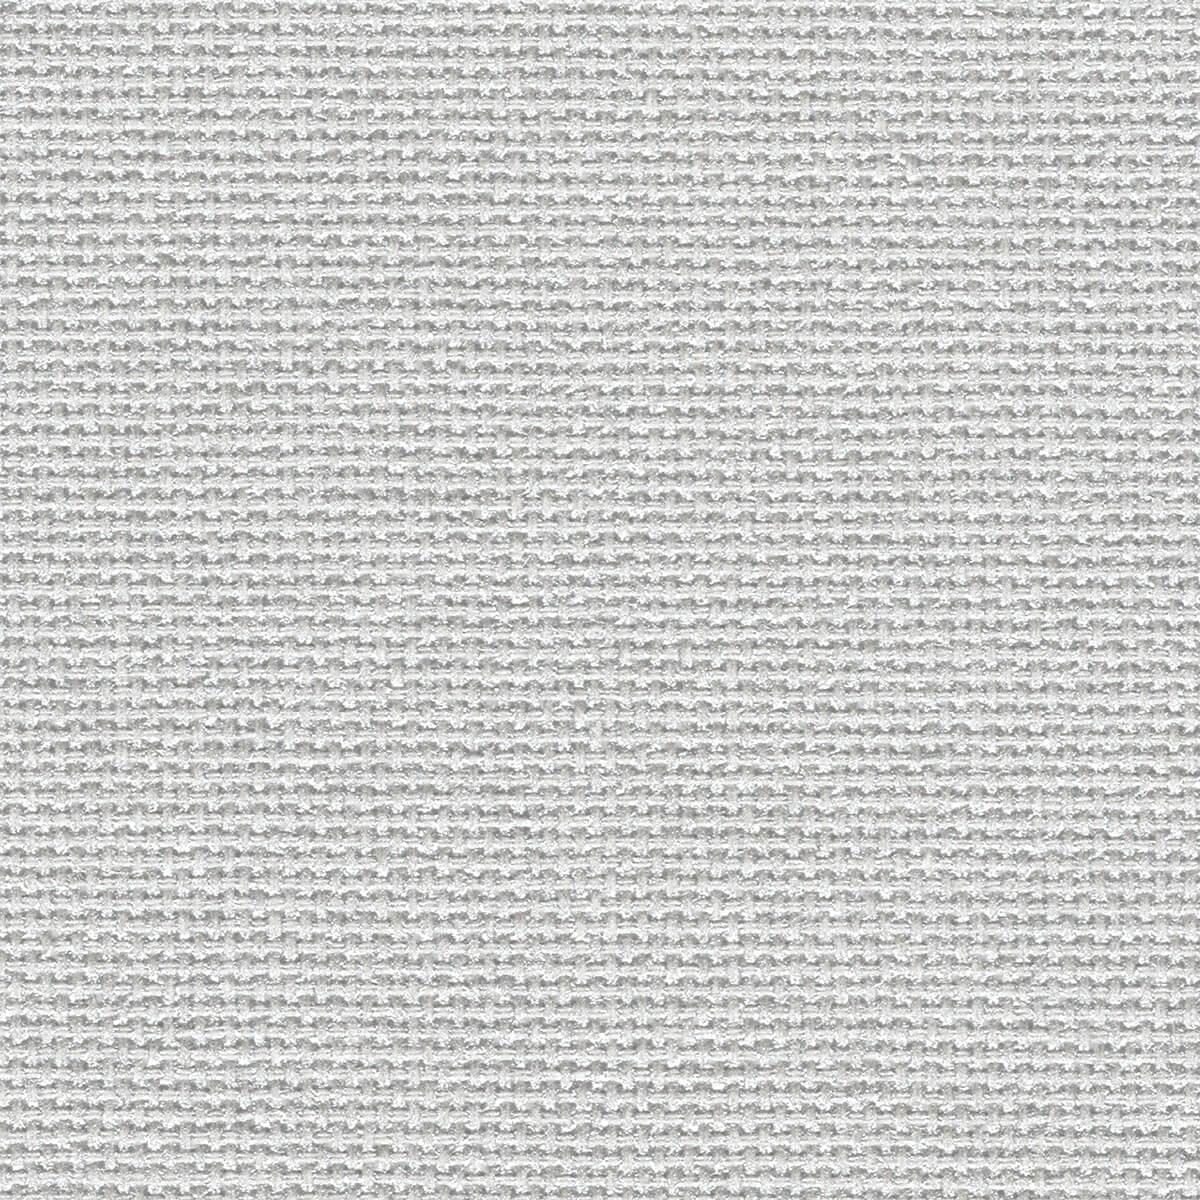 پرده شید با سبک مدرن | جنس پلی استر | کد VSH19| گروه وراتی